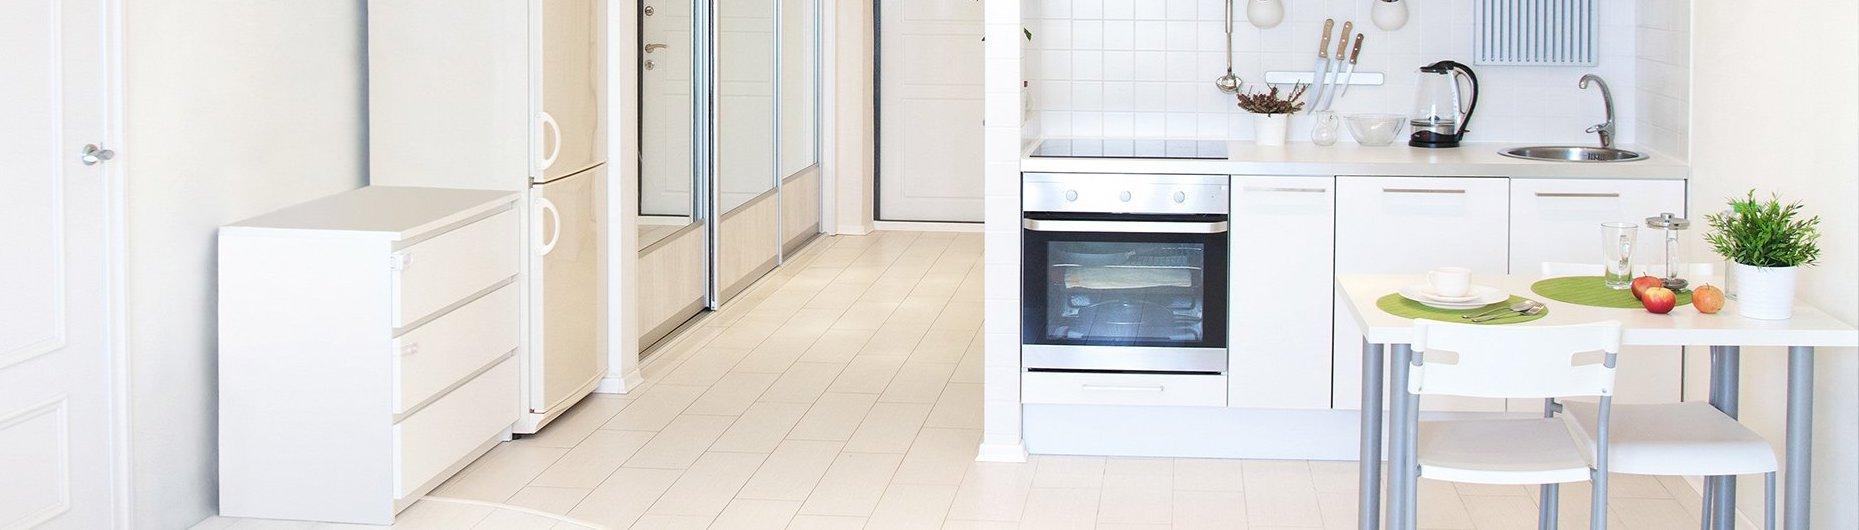 Städning Kök